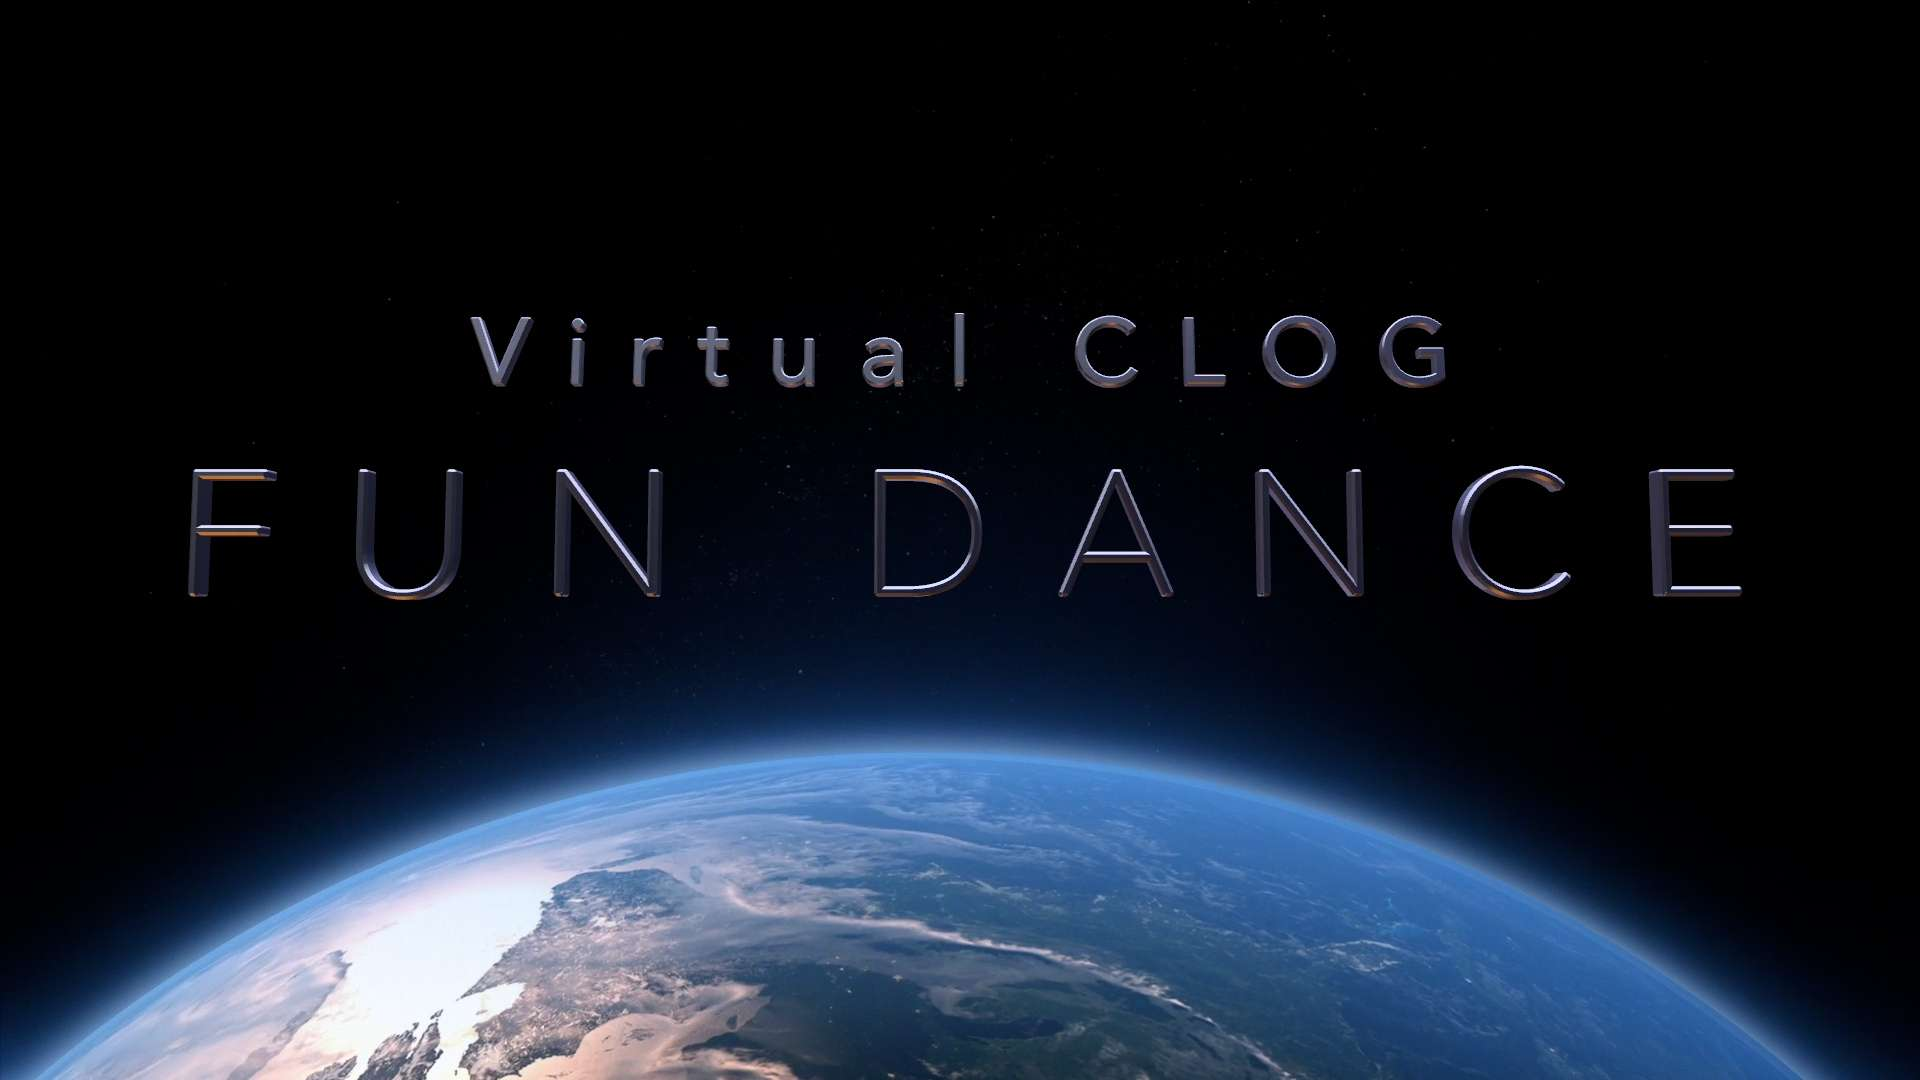 2020 Virtual CLOG Fun Dance